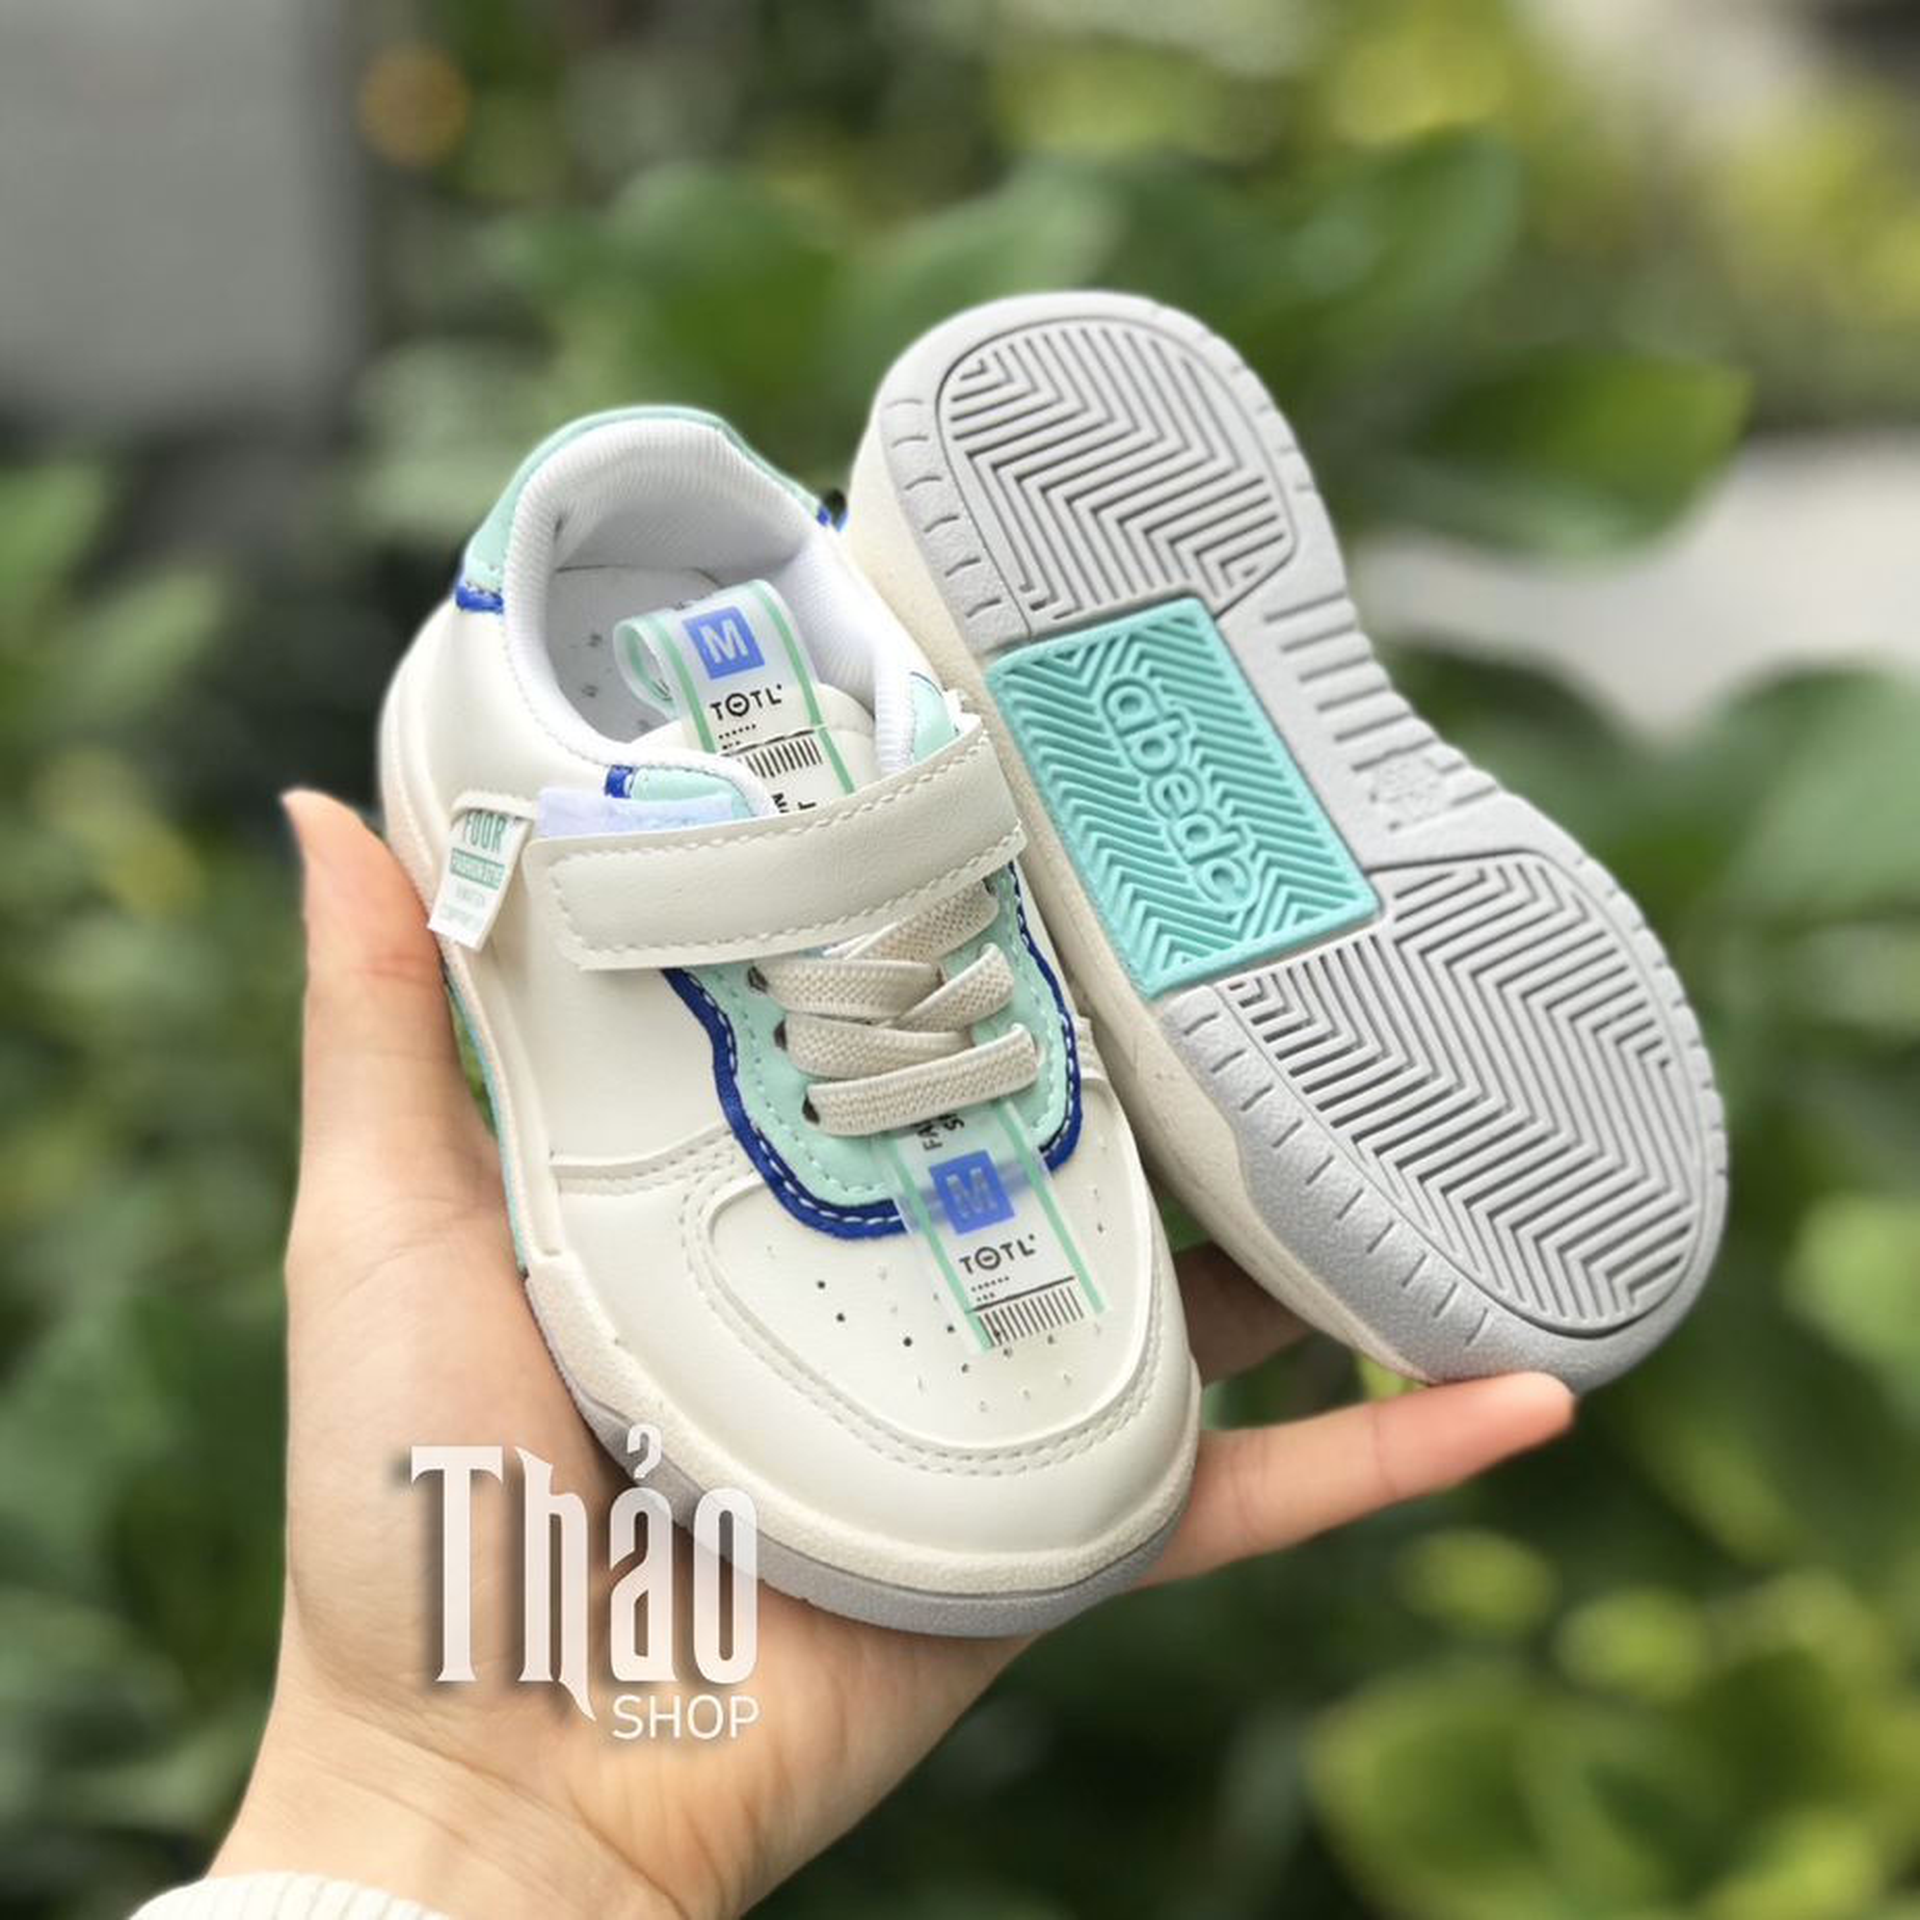 Giày Thể Thao N-25 Xanh Cho Bé